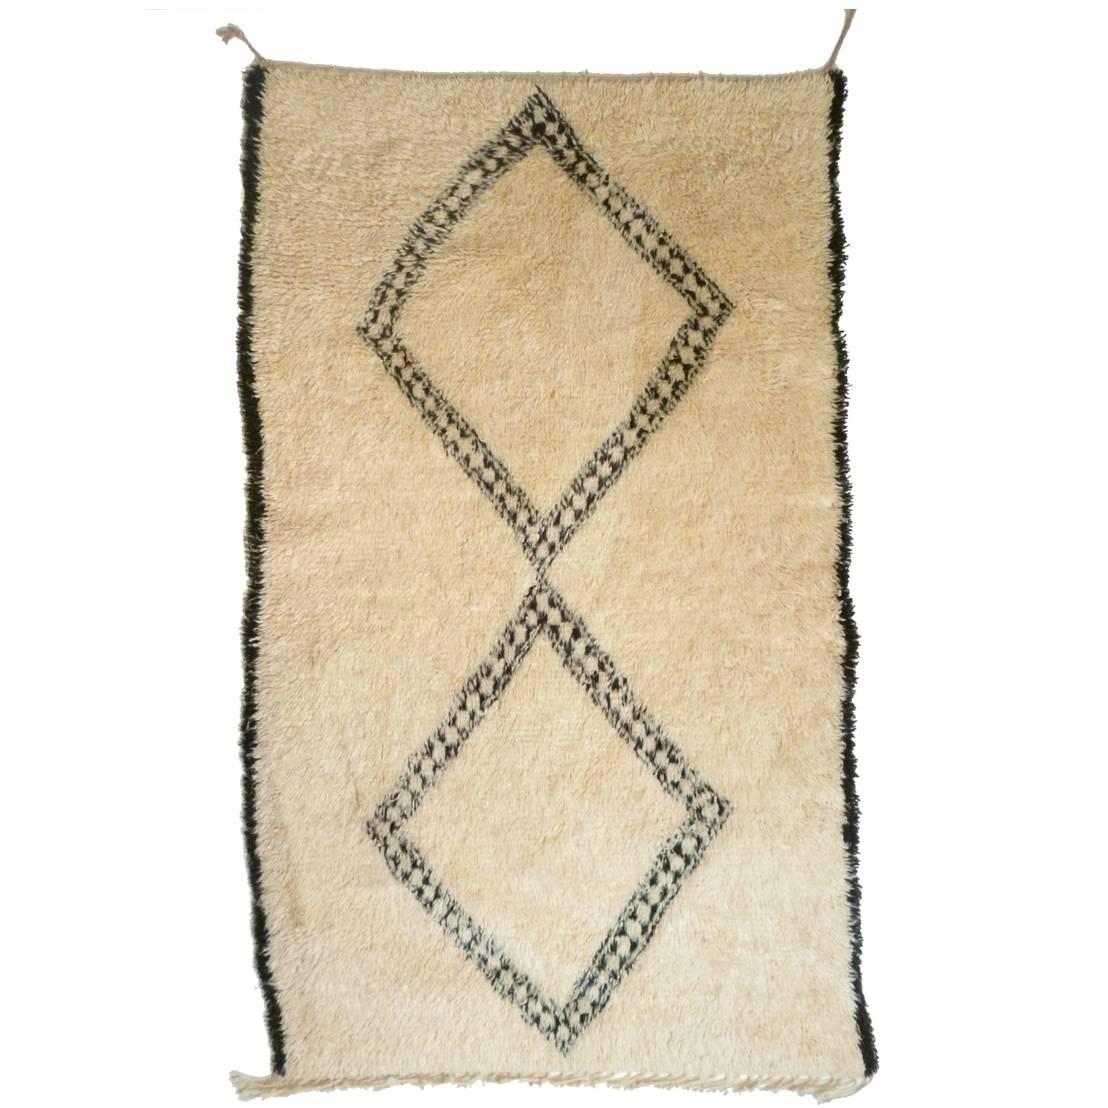 beni ourain nomaden teppich aus marokko von art oriental teppiche m bel antiquit ten. Black Bedroom Furniture Sets. Home Design Ideas